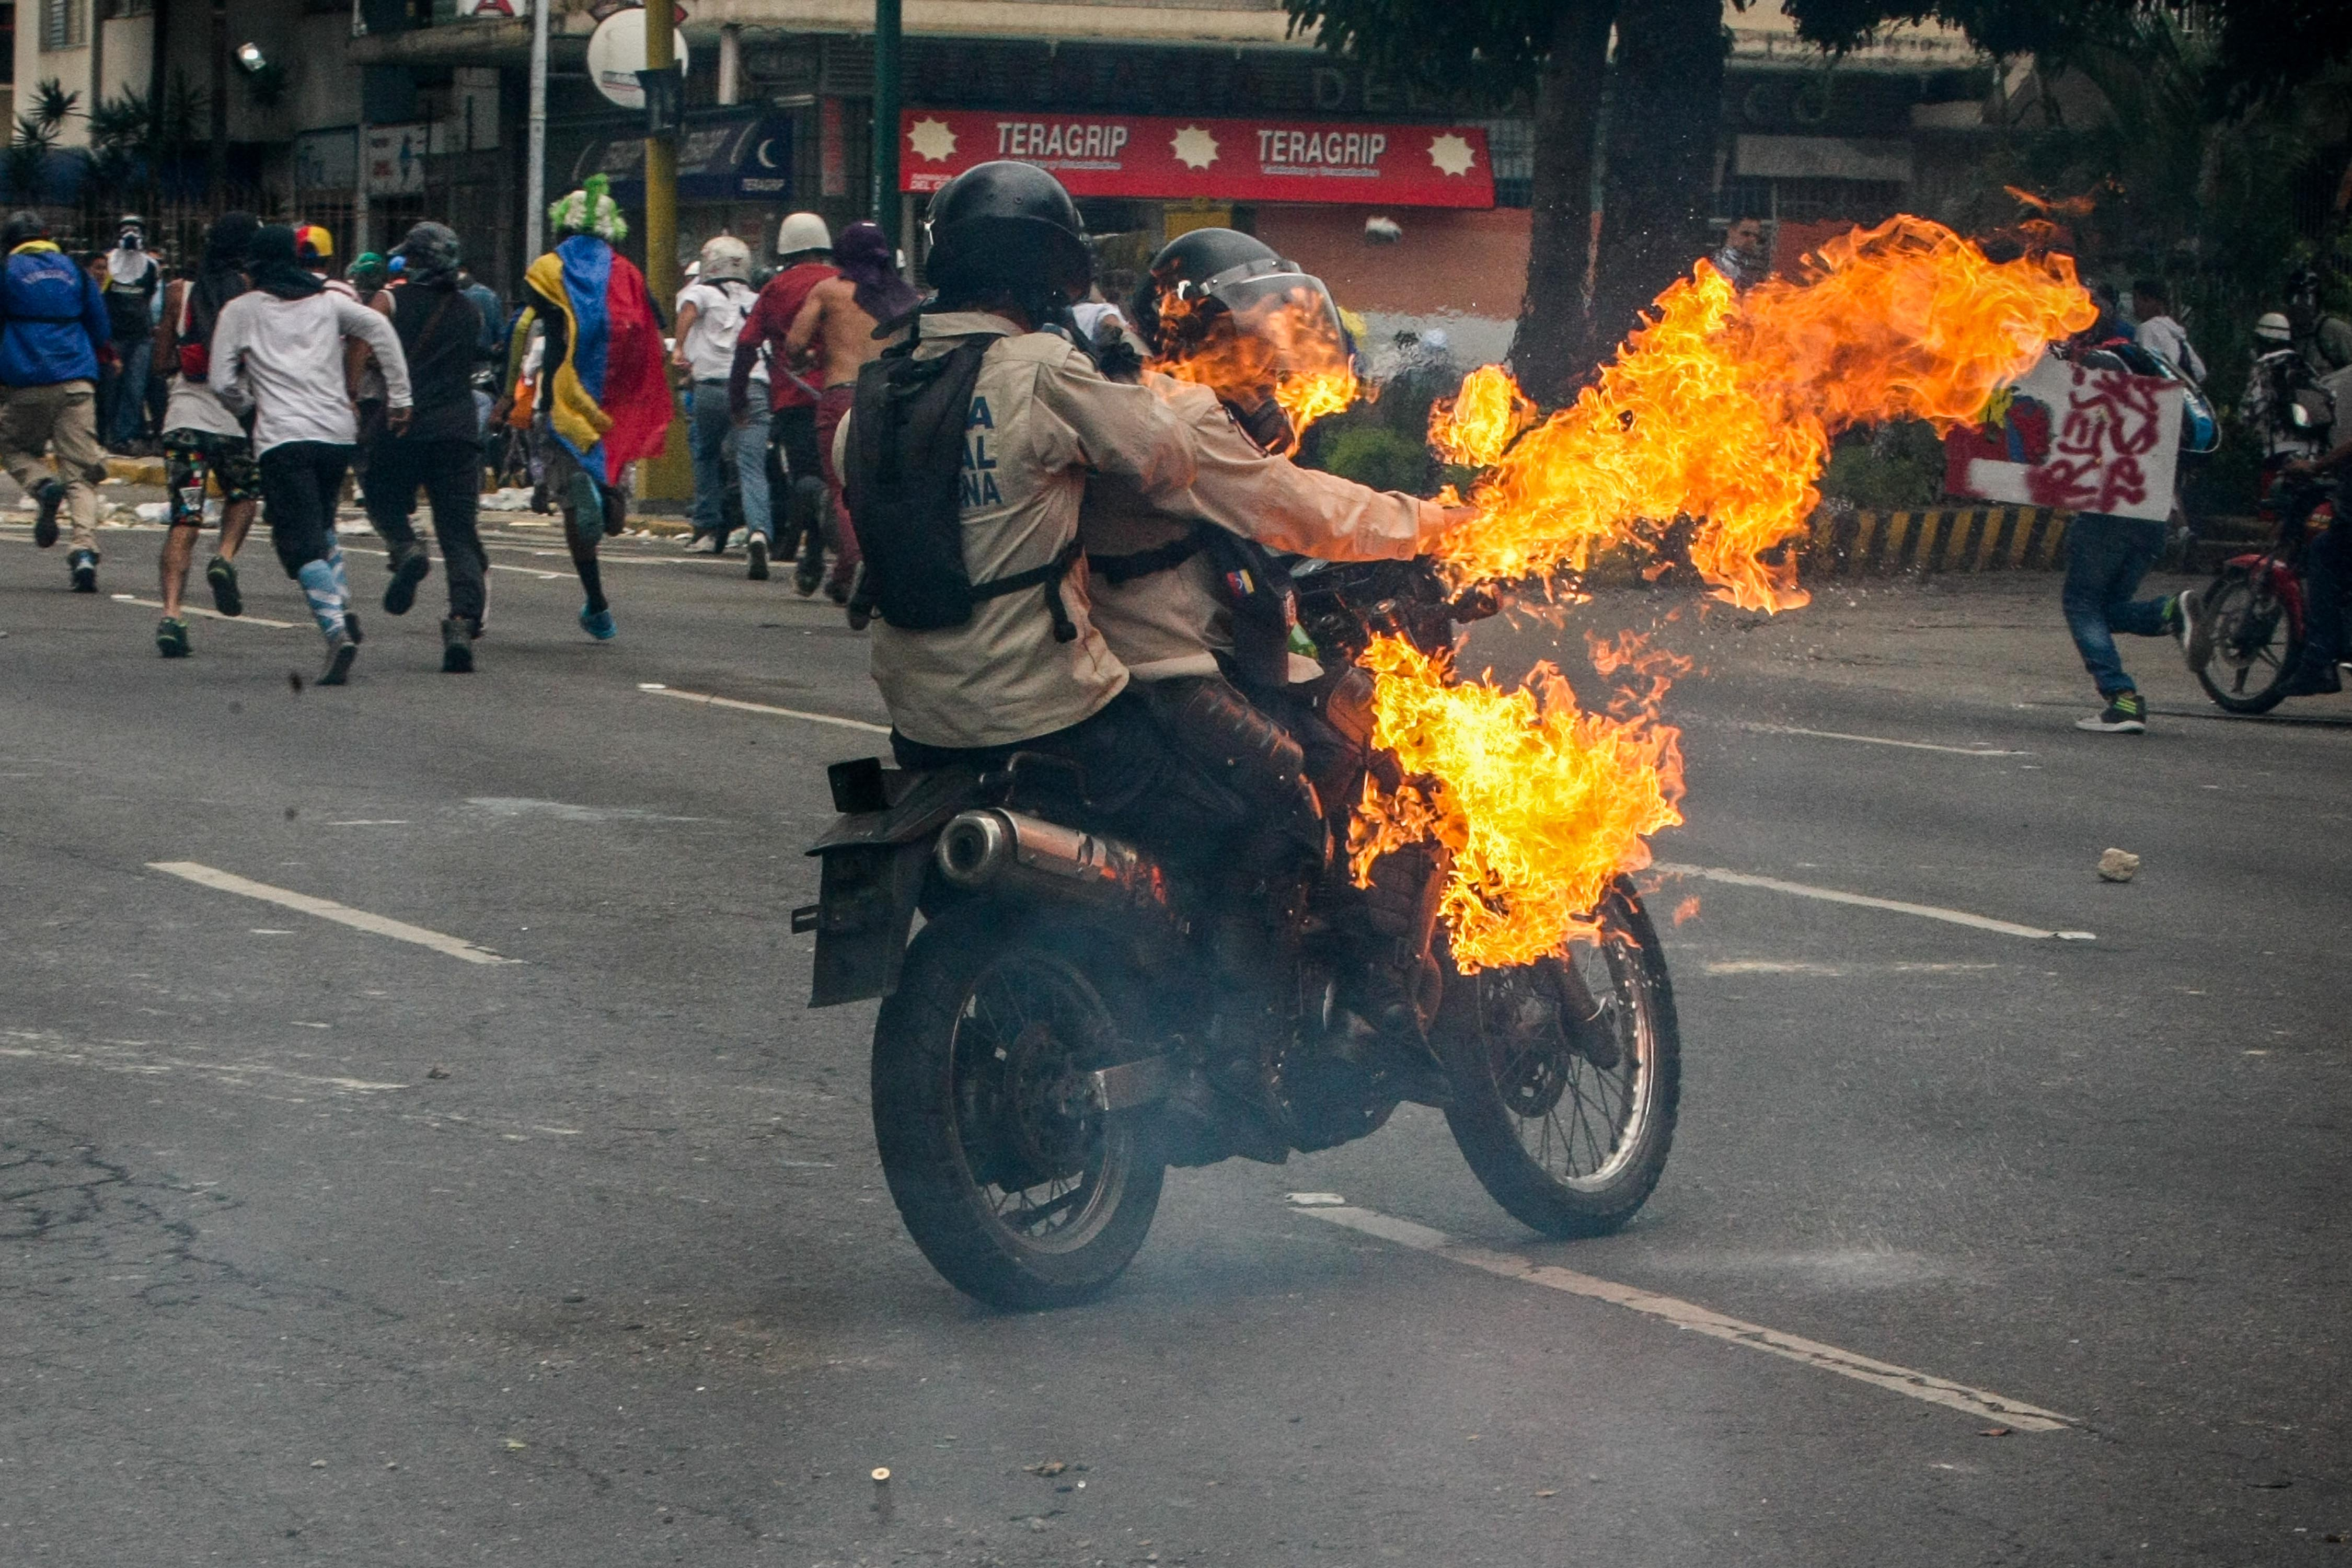 Efectius de la Policia Nacional Bolivariana són atrapats per una bomba Molotov, durant una protesta a Caracas, Veneçuela. /CRISTIAN HERNÁNDEZ